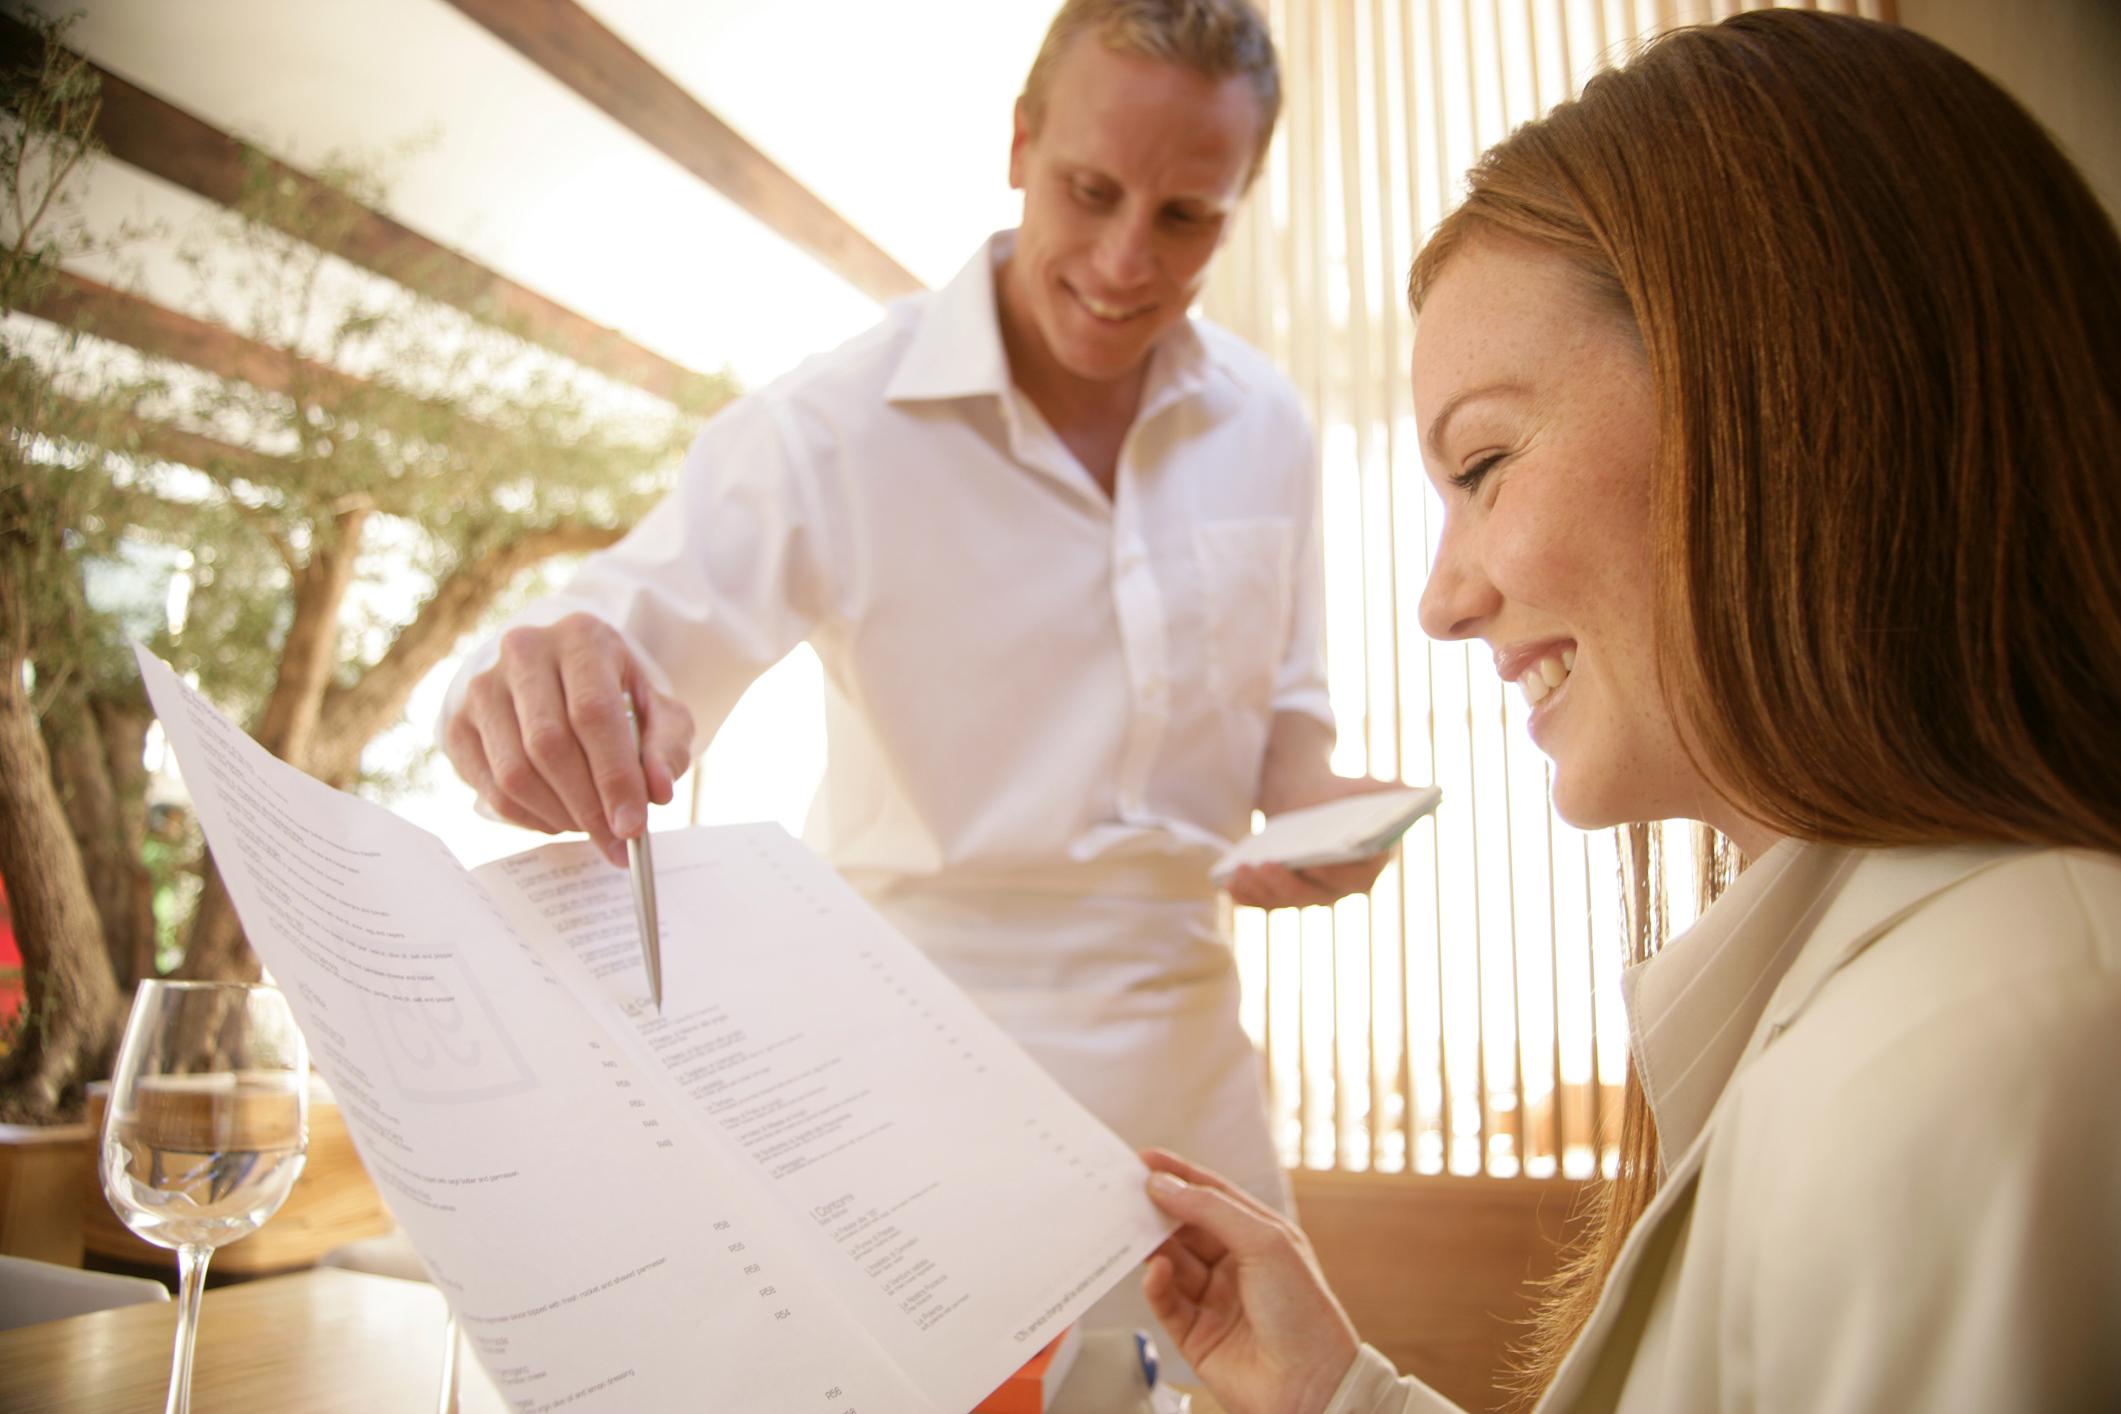 Cómo escribir un curriculum vitae para trabajar de camarero/a |